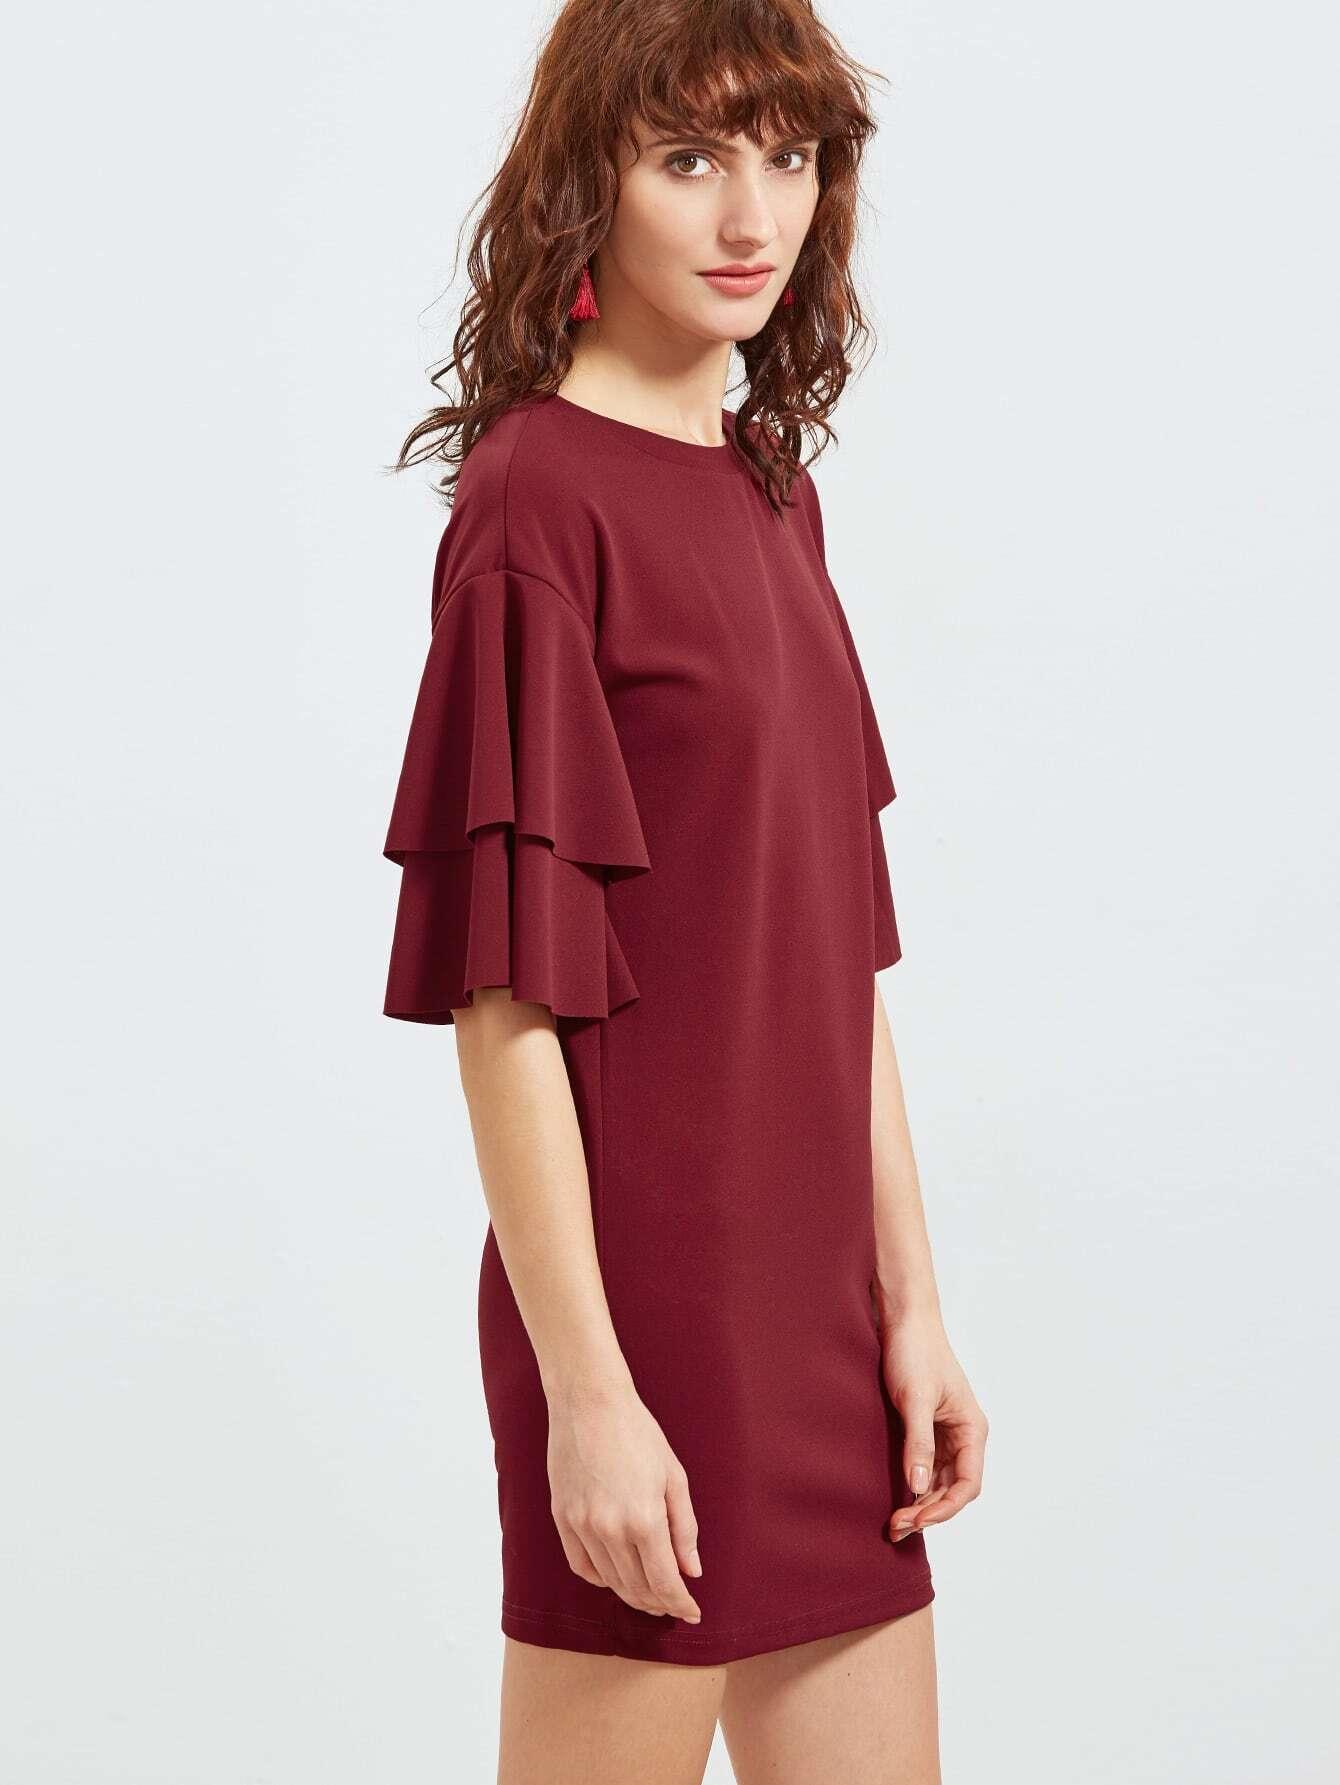 dress161124703_2